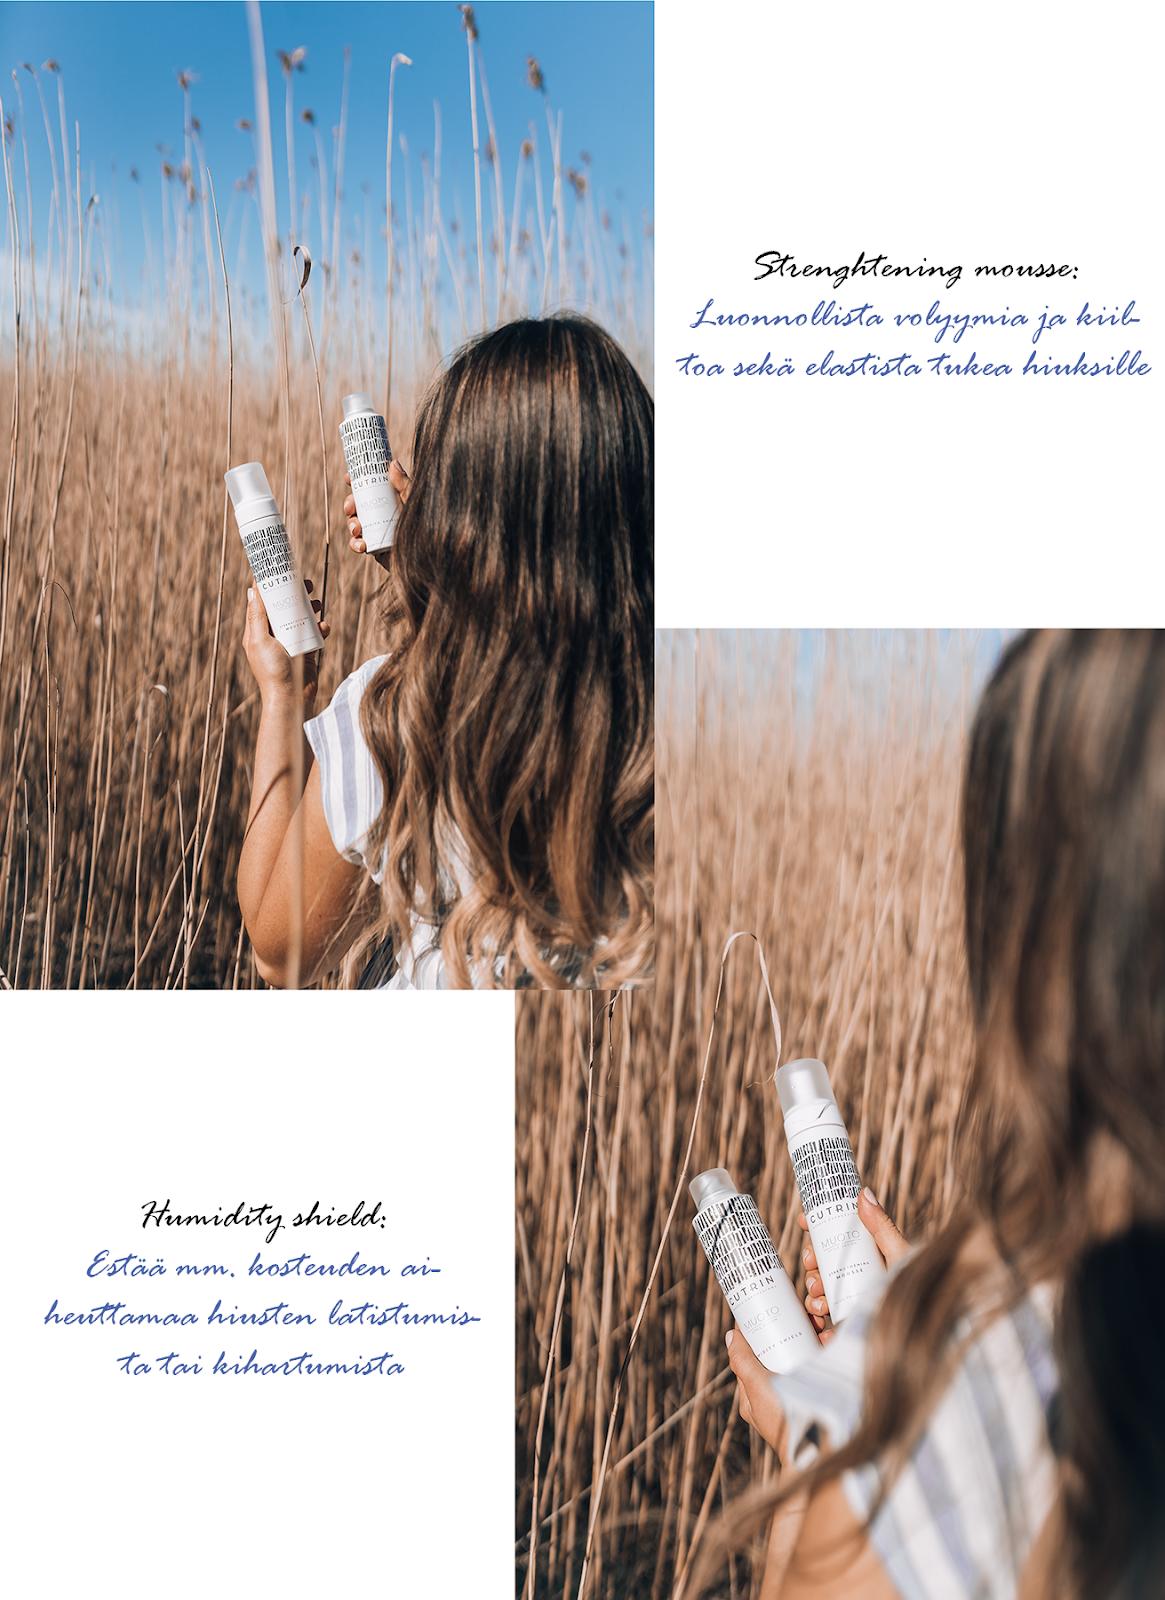 tuotteet hennoille hiuksille